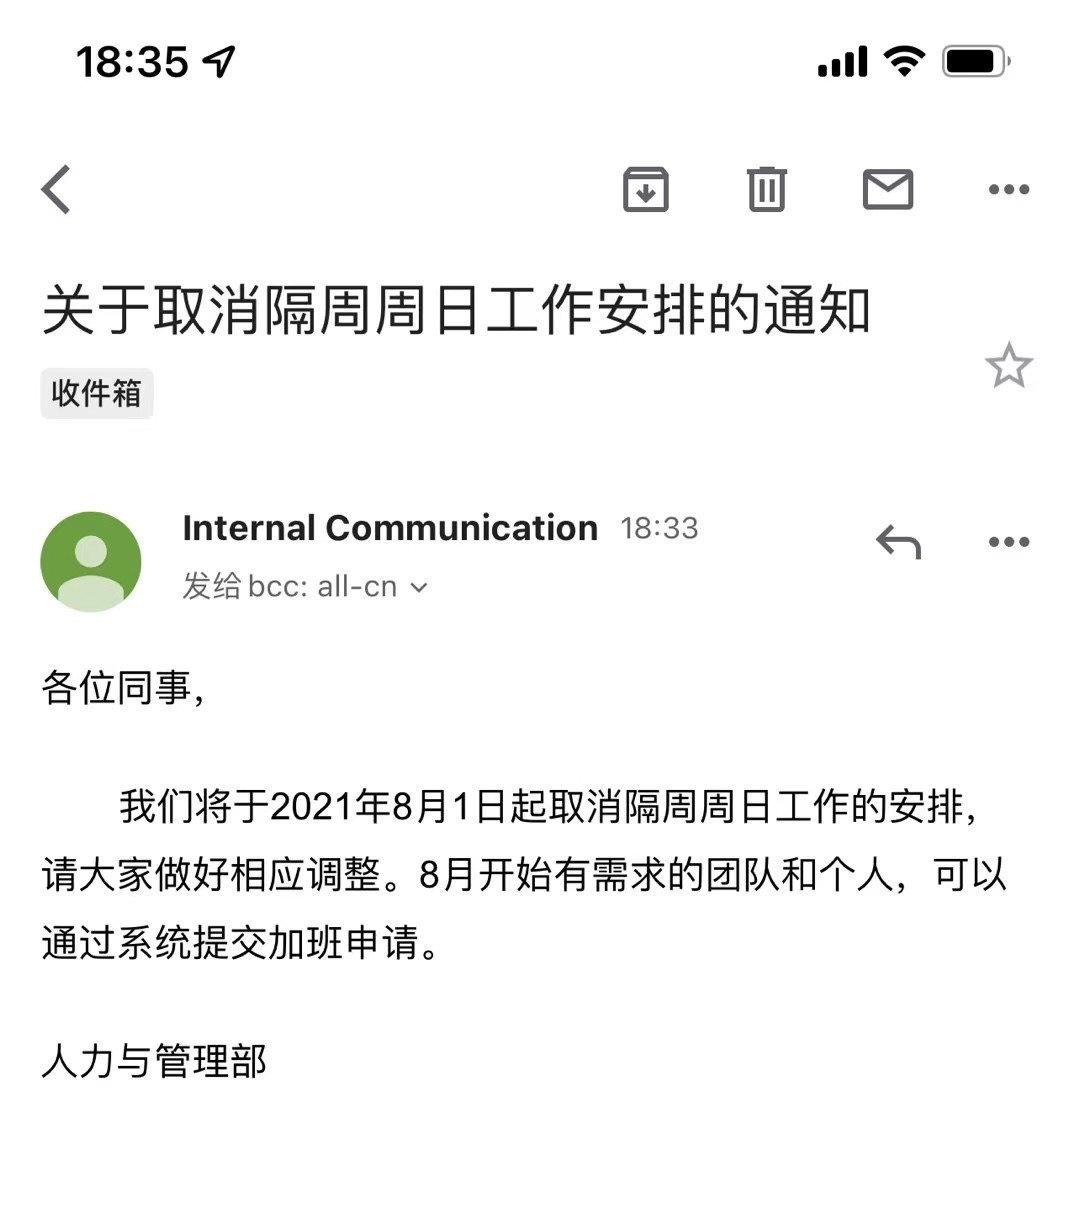 字节跳动宣布8月1日起正式取消大小周